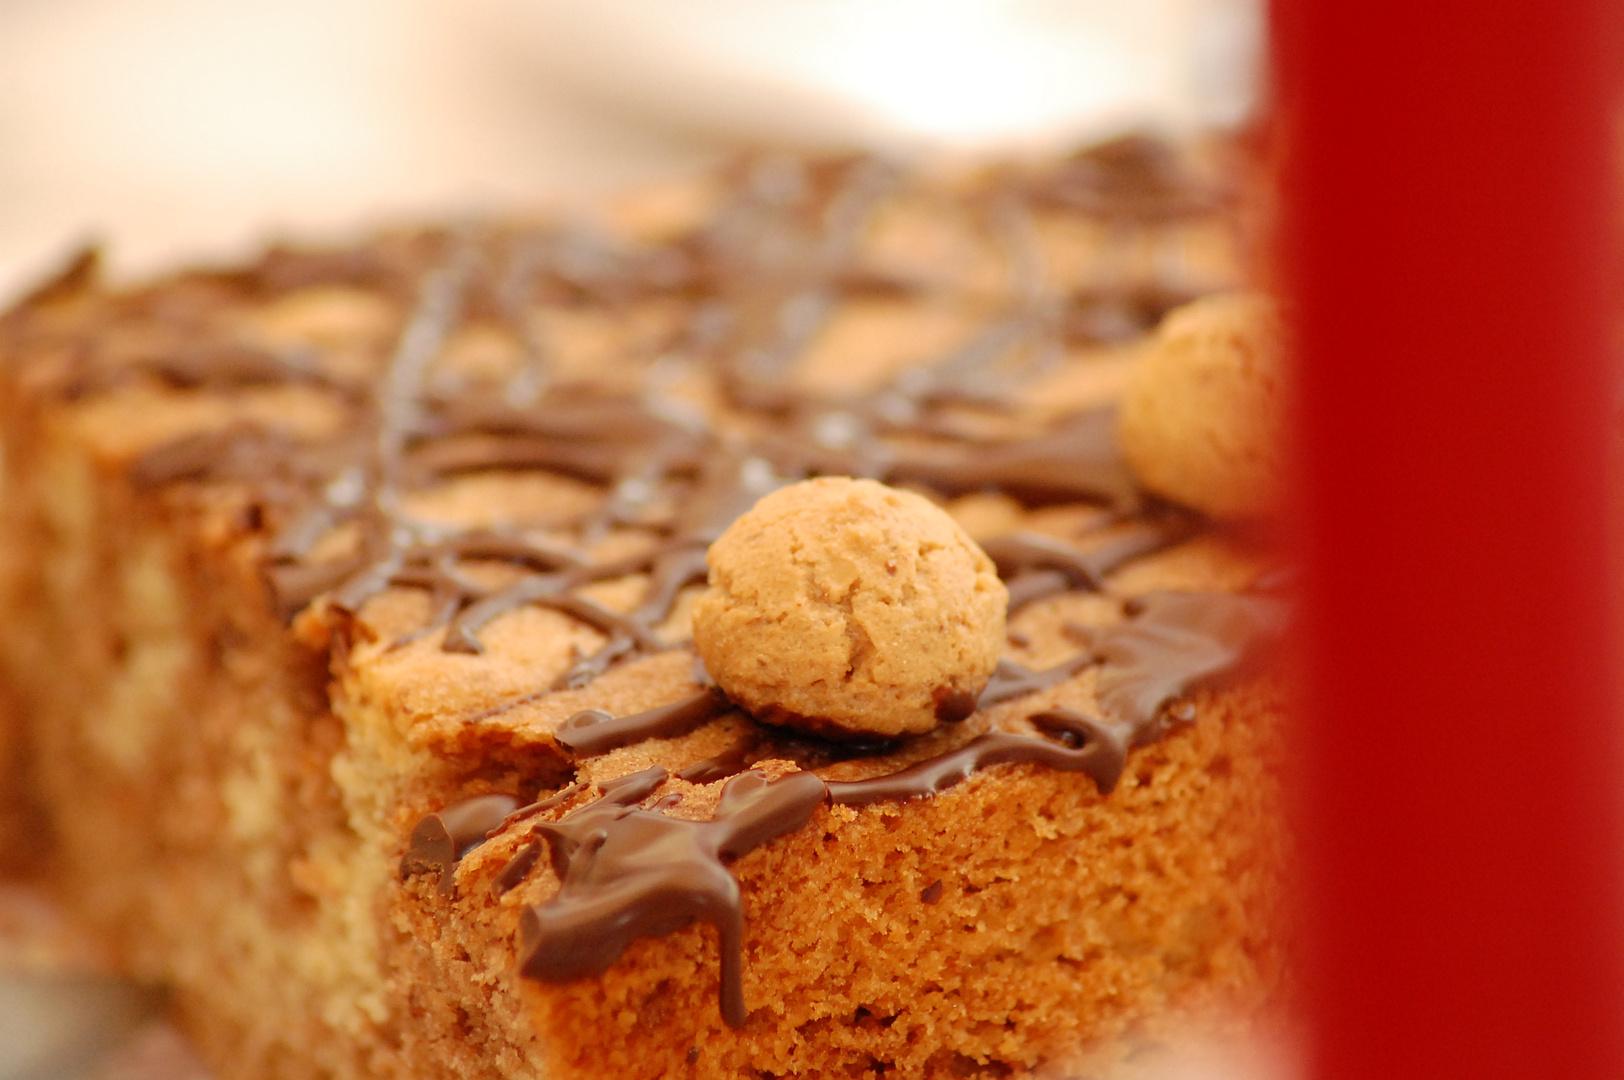 Lecker Kuchen Foto Bild Stillleben Essen Trinken Geback